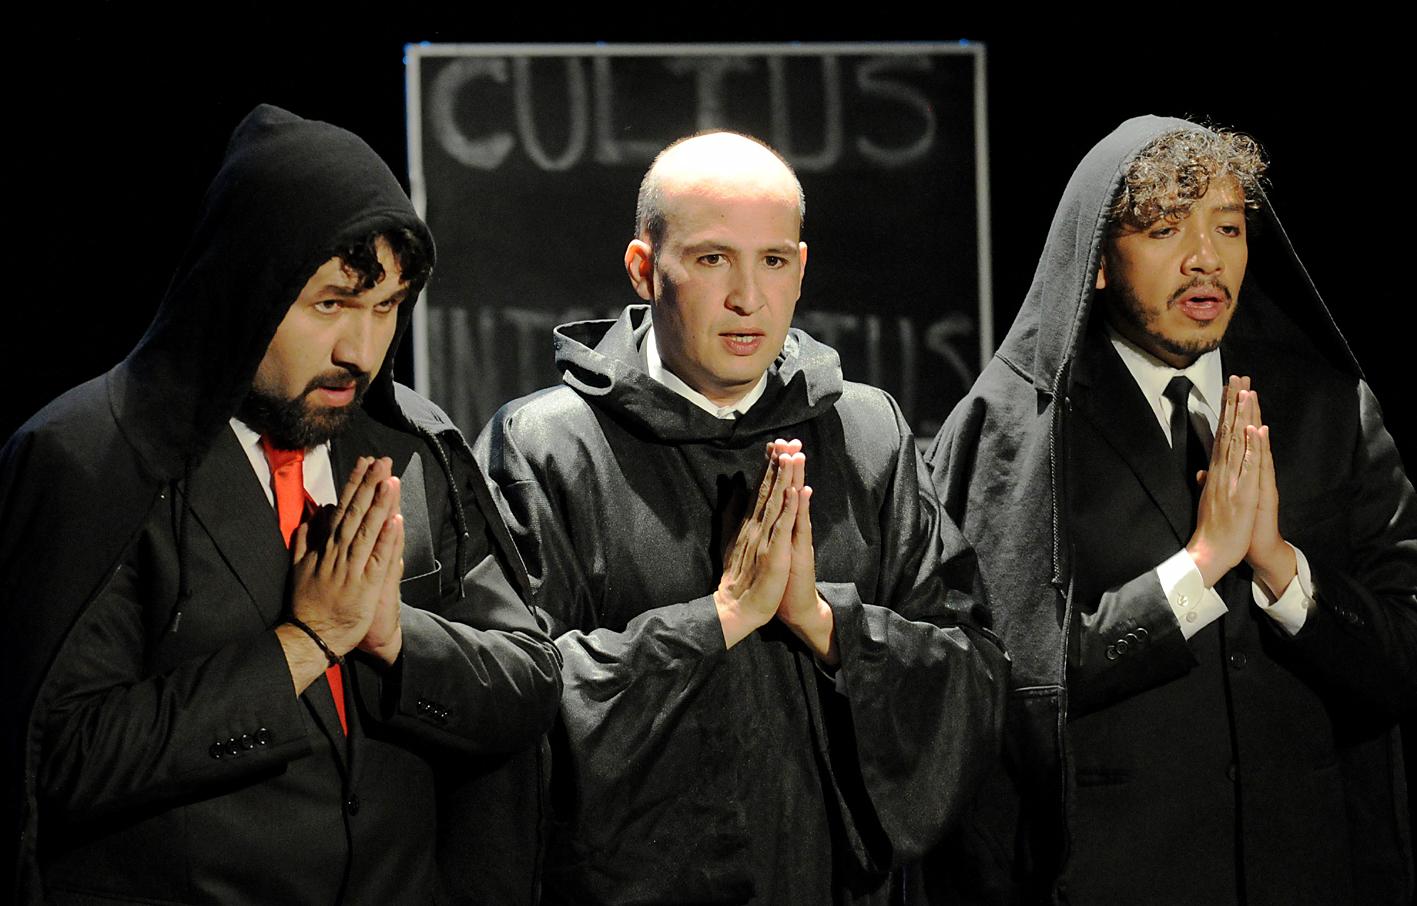 Cultus Interruptus